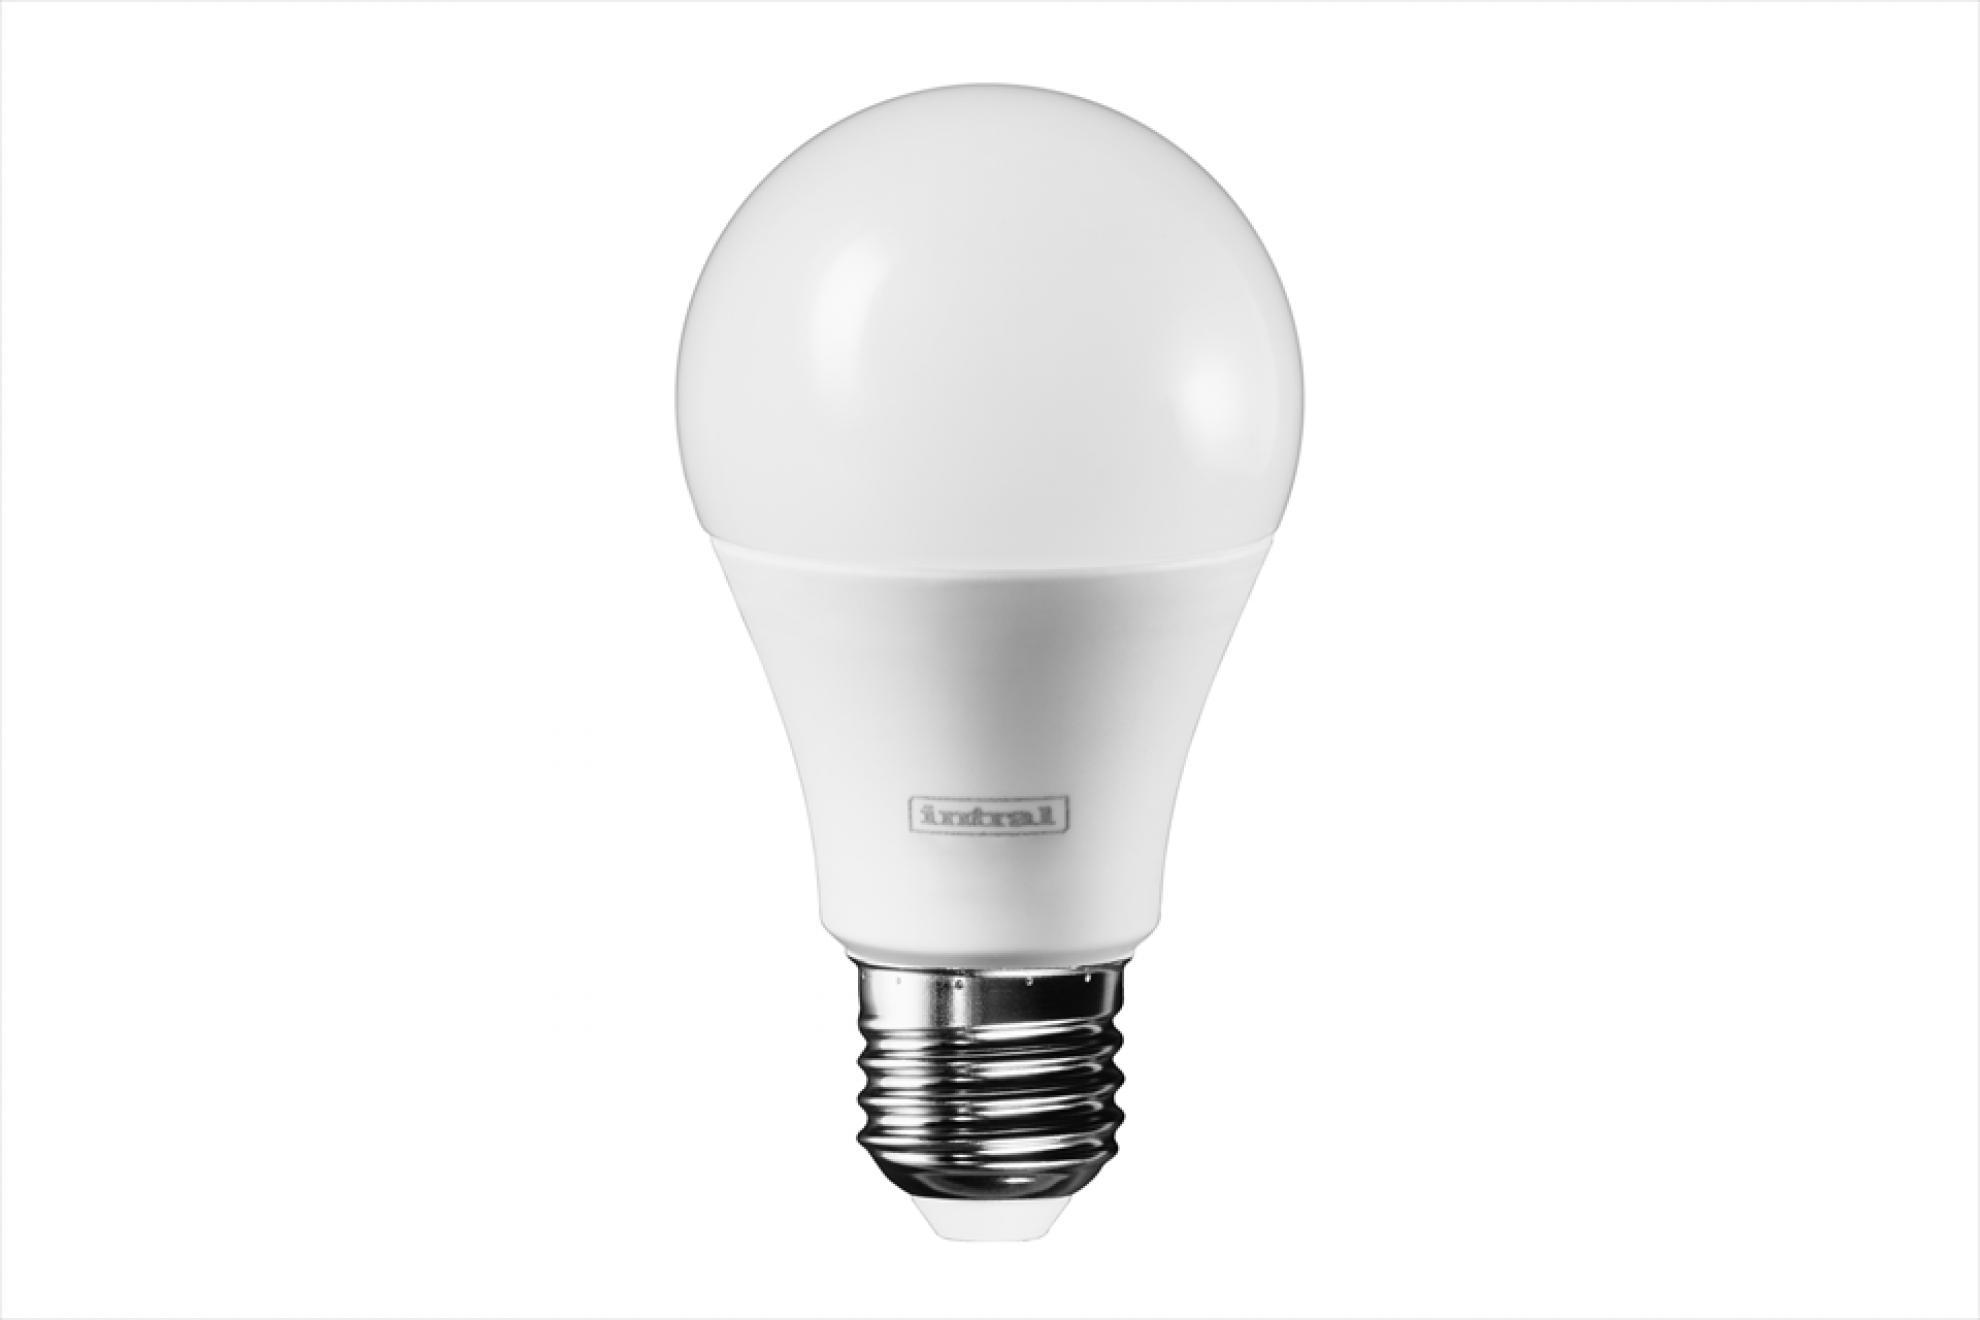 Lampada Led Bulbo 09,5w 3000k Biv A60